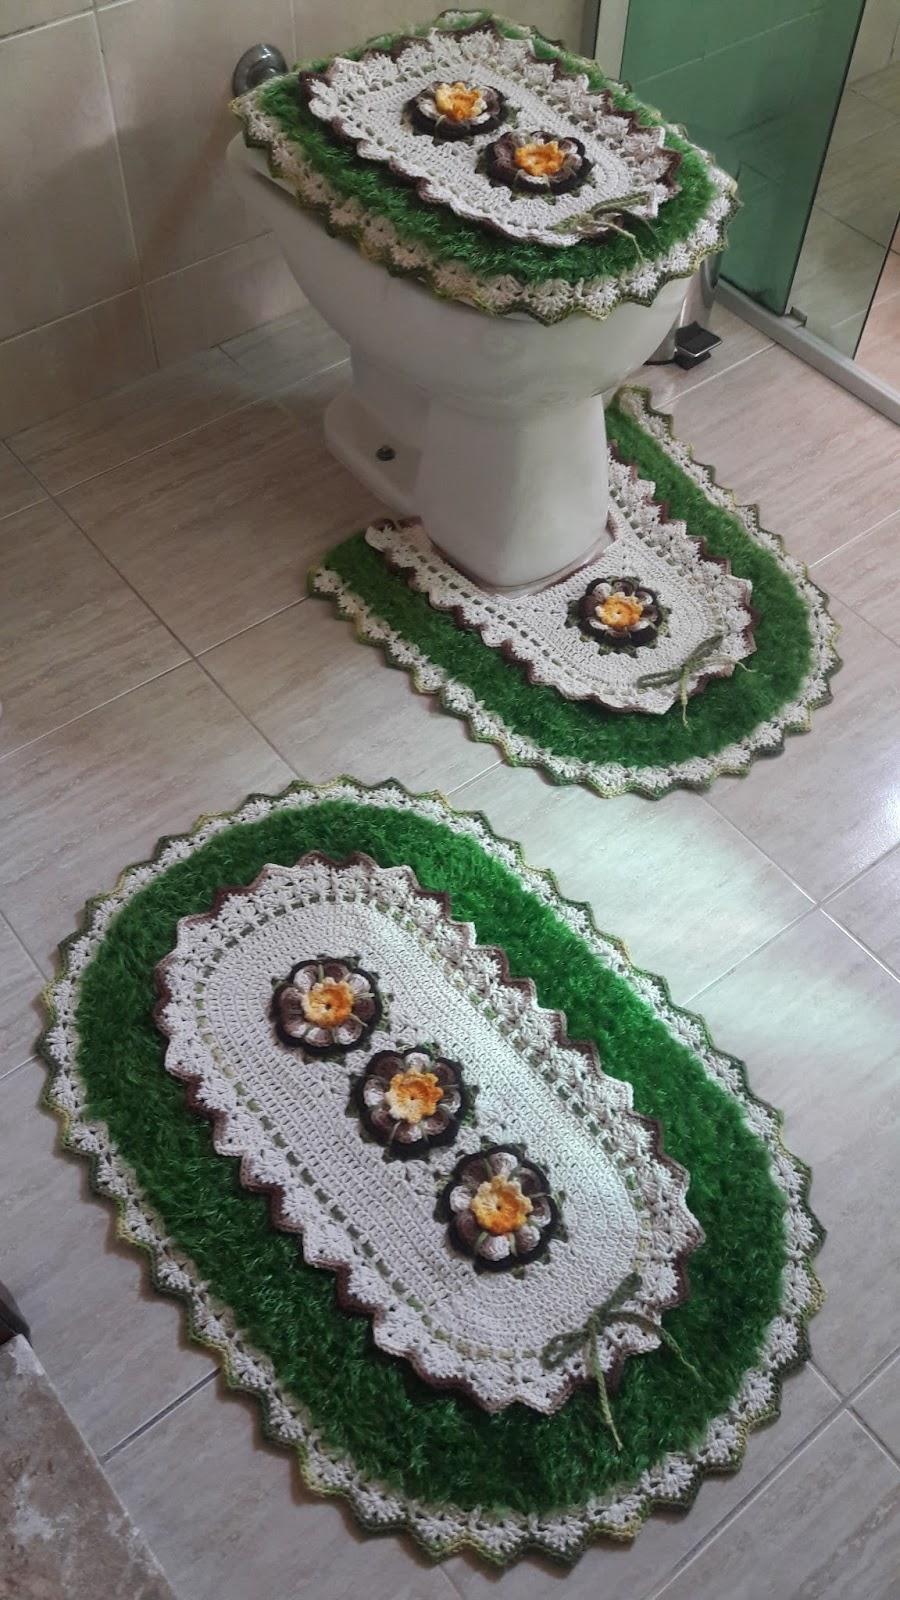 Jogo De Banheiro Marrom E Amarelo : Os croches da adriana jogo de banheiro oval bico duplo